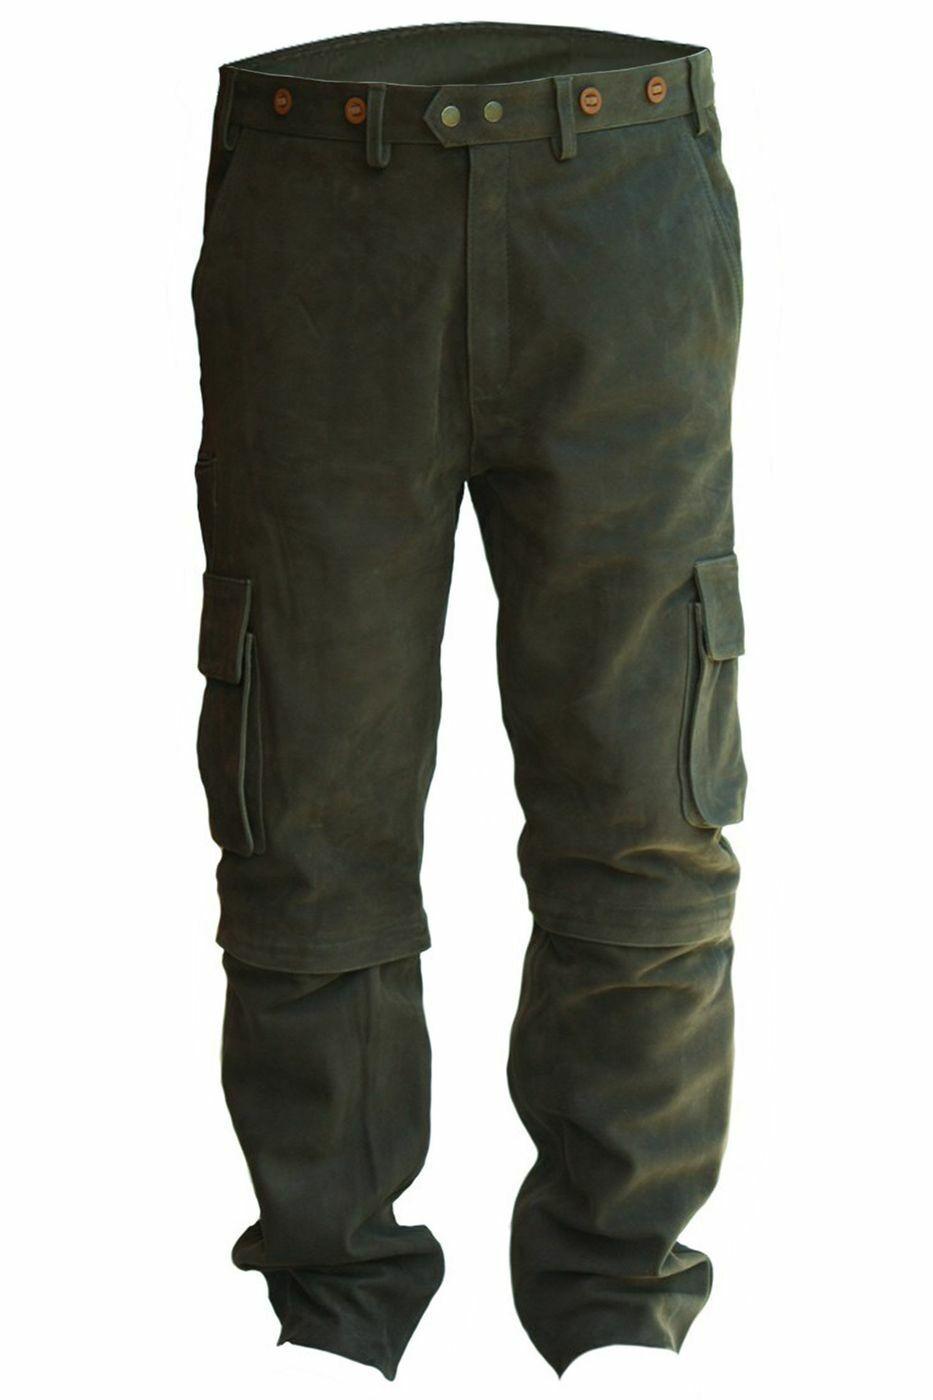 German Wear larga cargo caza Lederhose cazador pantalones caza pantalones caza verde 2-in-1 pantalones